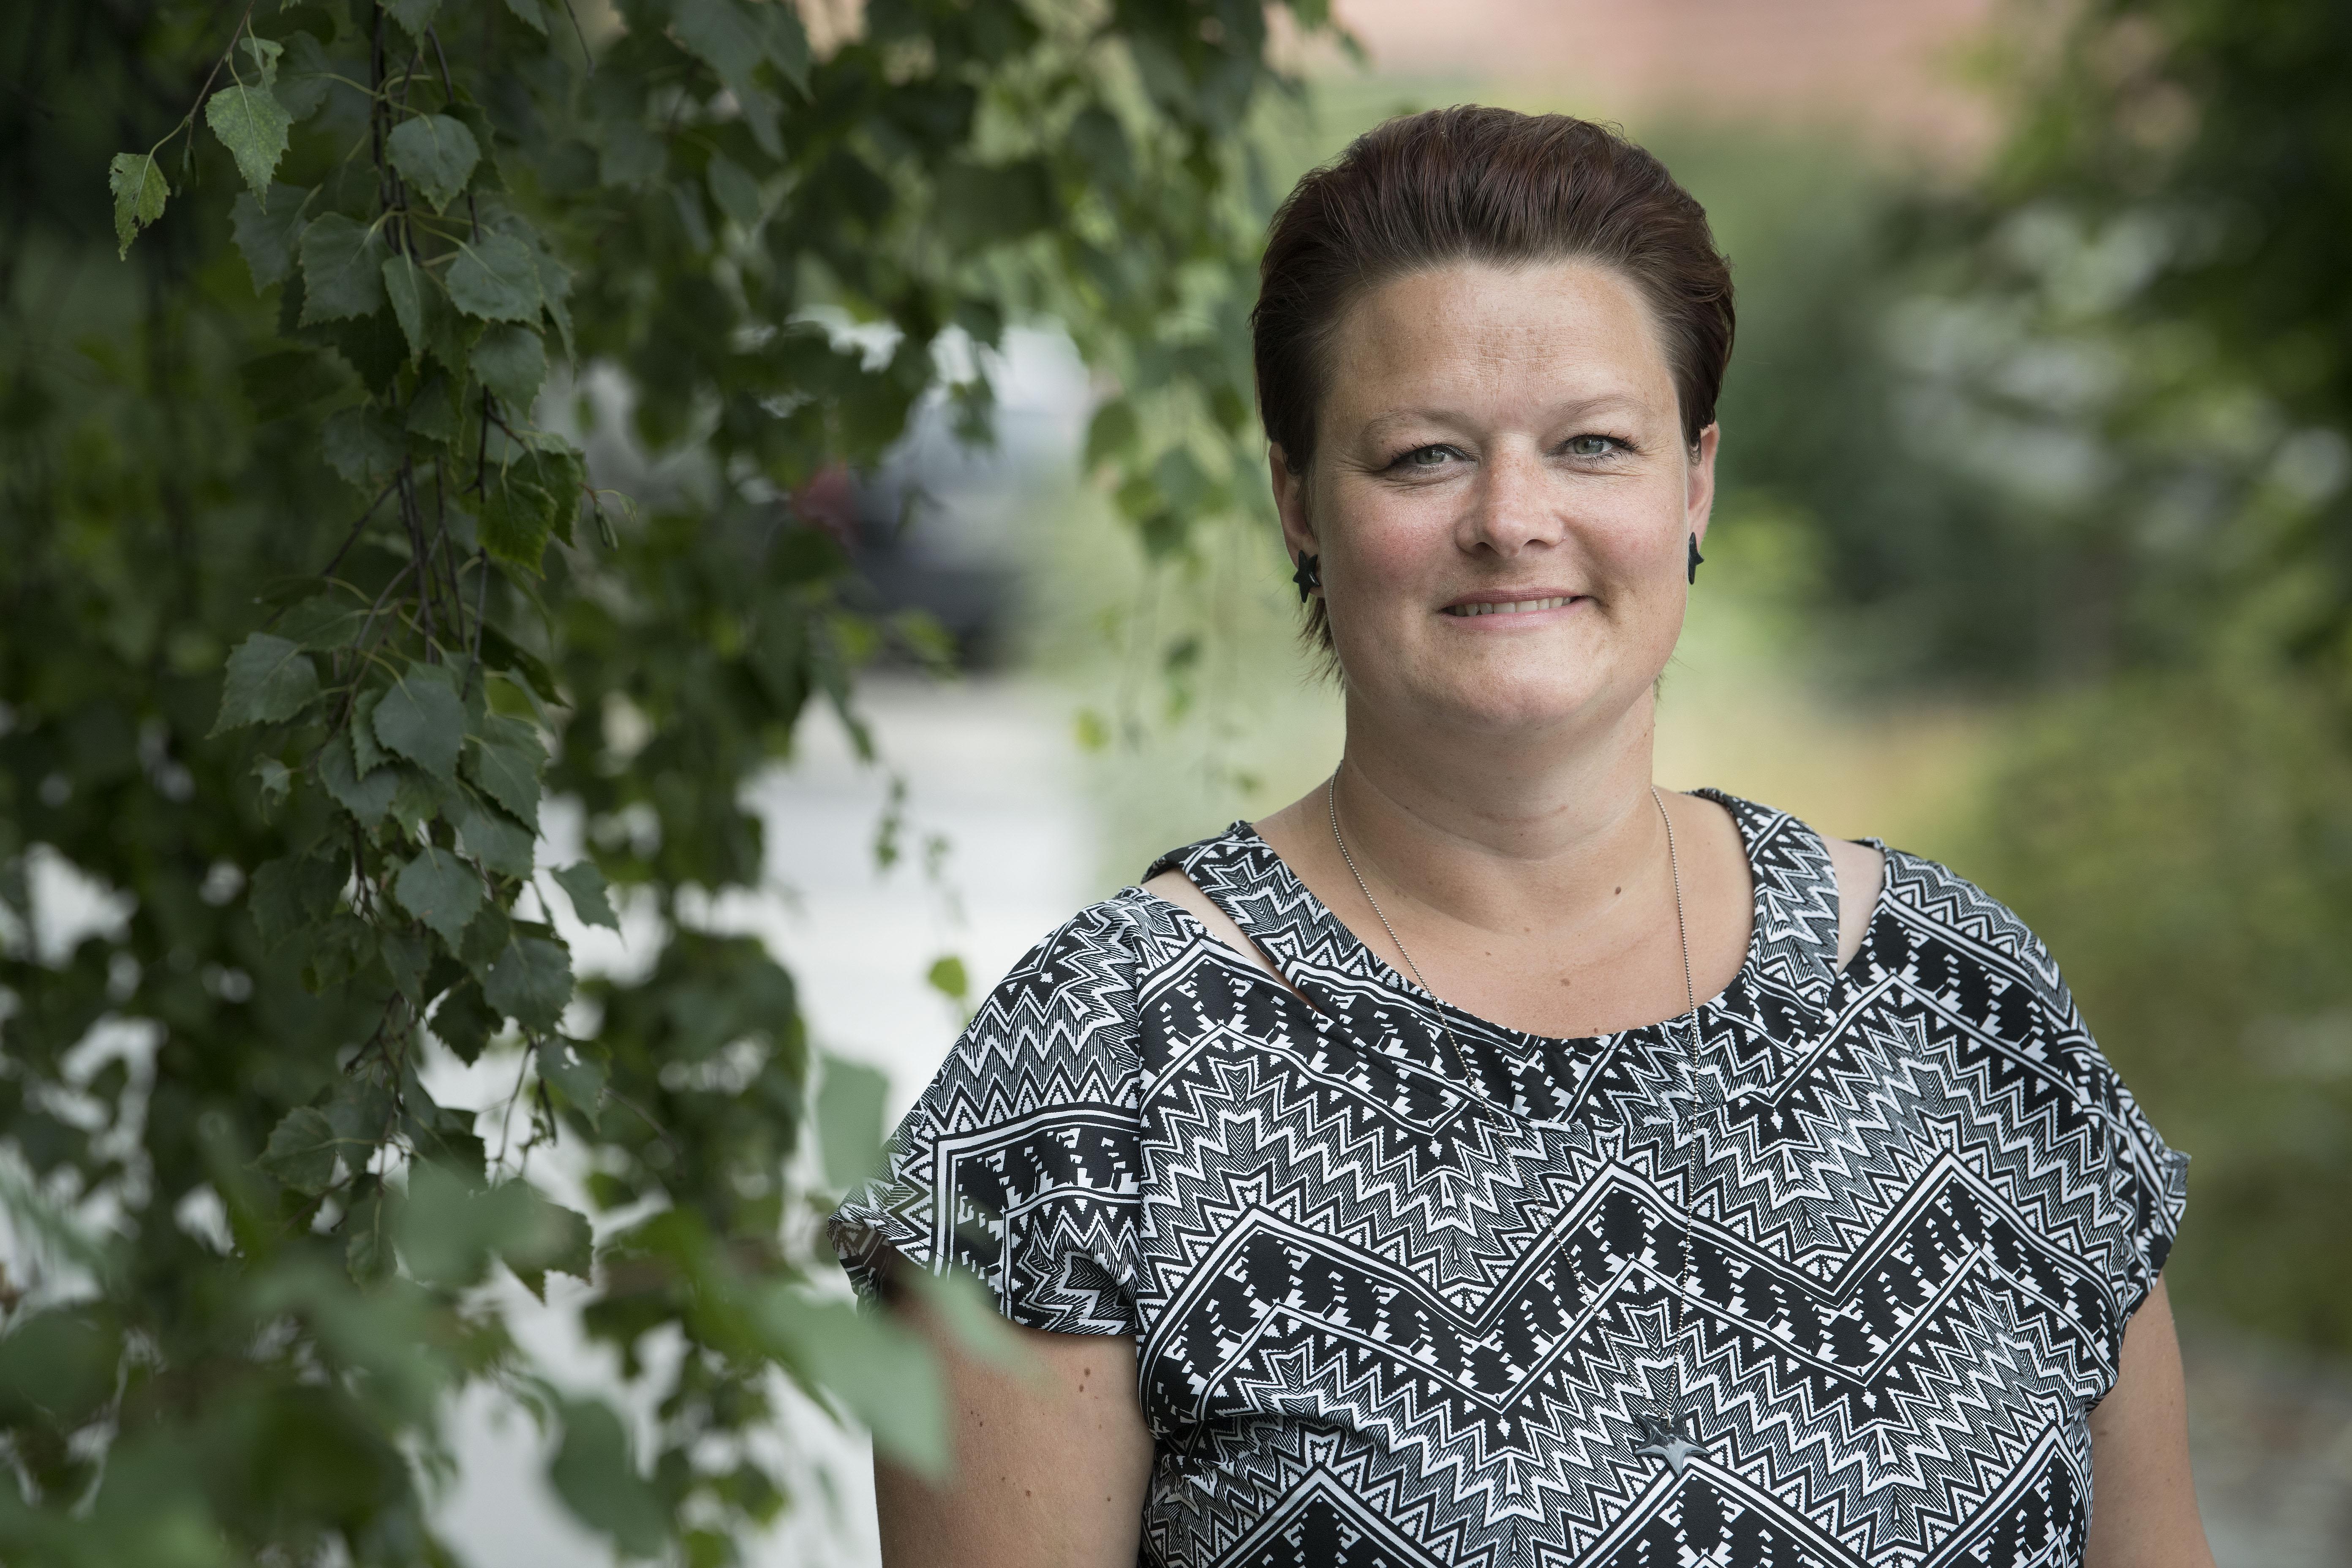 - Når en ung kommer med en genoptræningsplan fra ungeambulatoriet, er der fokus på helheden i den unges tilværelse, fordi man i ungeambulatoriet har neuropsykologisk viden, siger hjerneskadekoordinator og ergoterapeut Karina Bystrup Rønaa fra Vesthimmerlands Kommune i Region Nordjylland.